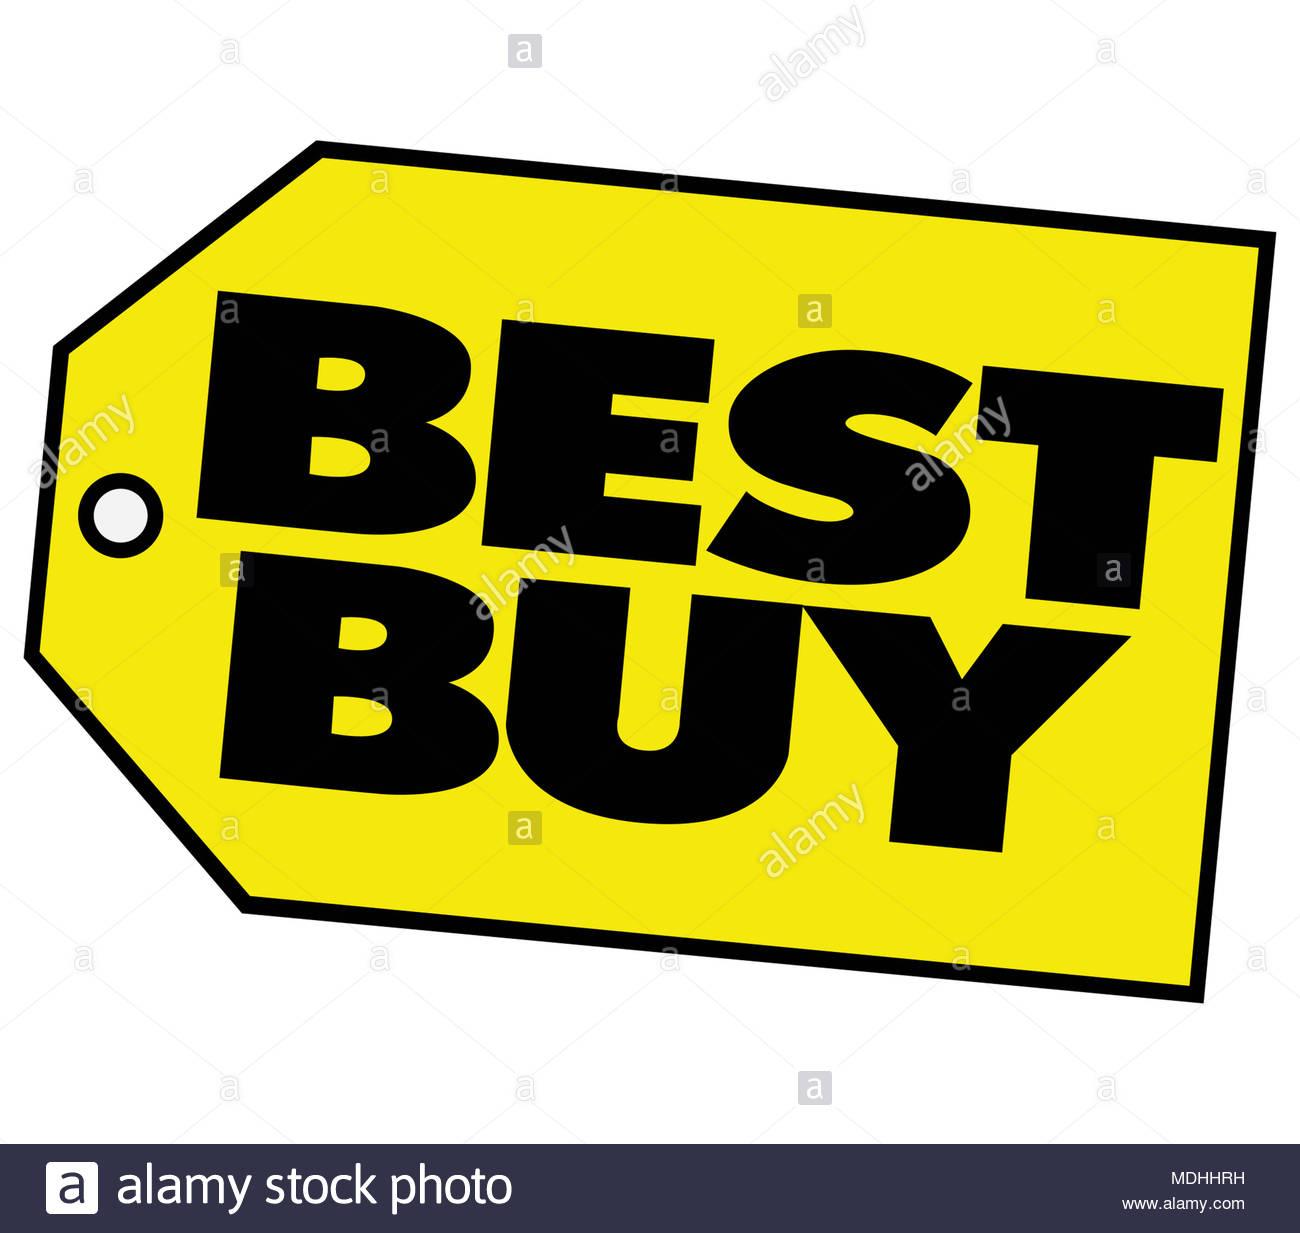 fd38dee49f1 Best Buy Stock Photos   Best Buy Stock Images - Alamy